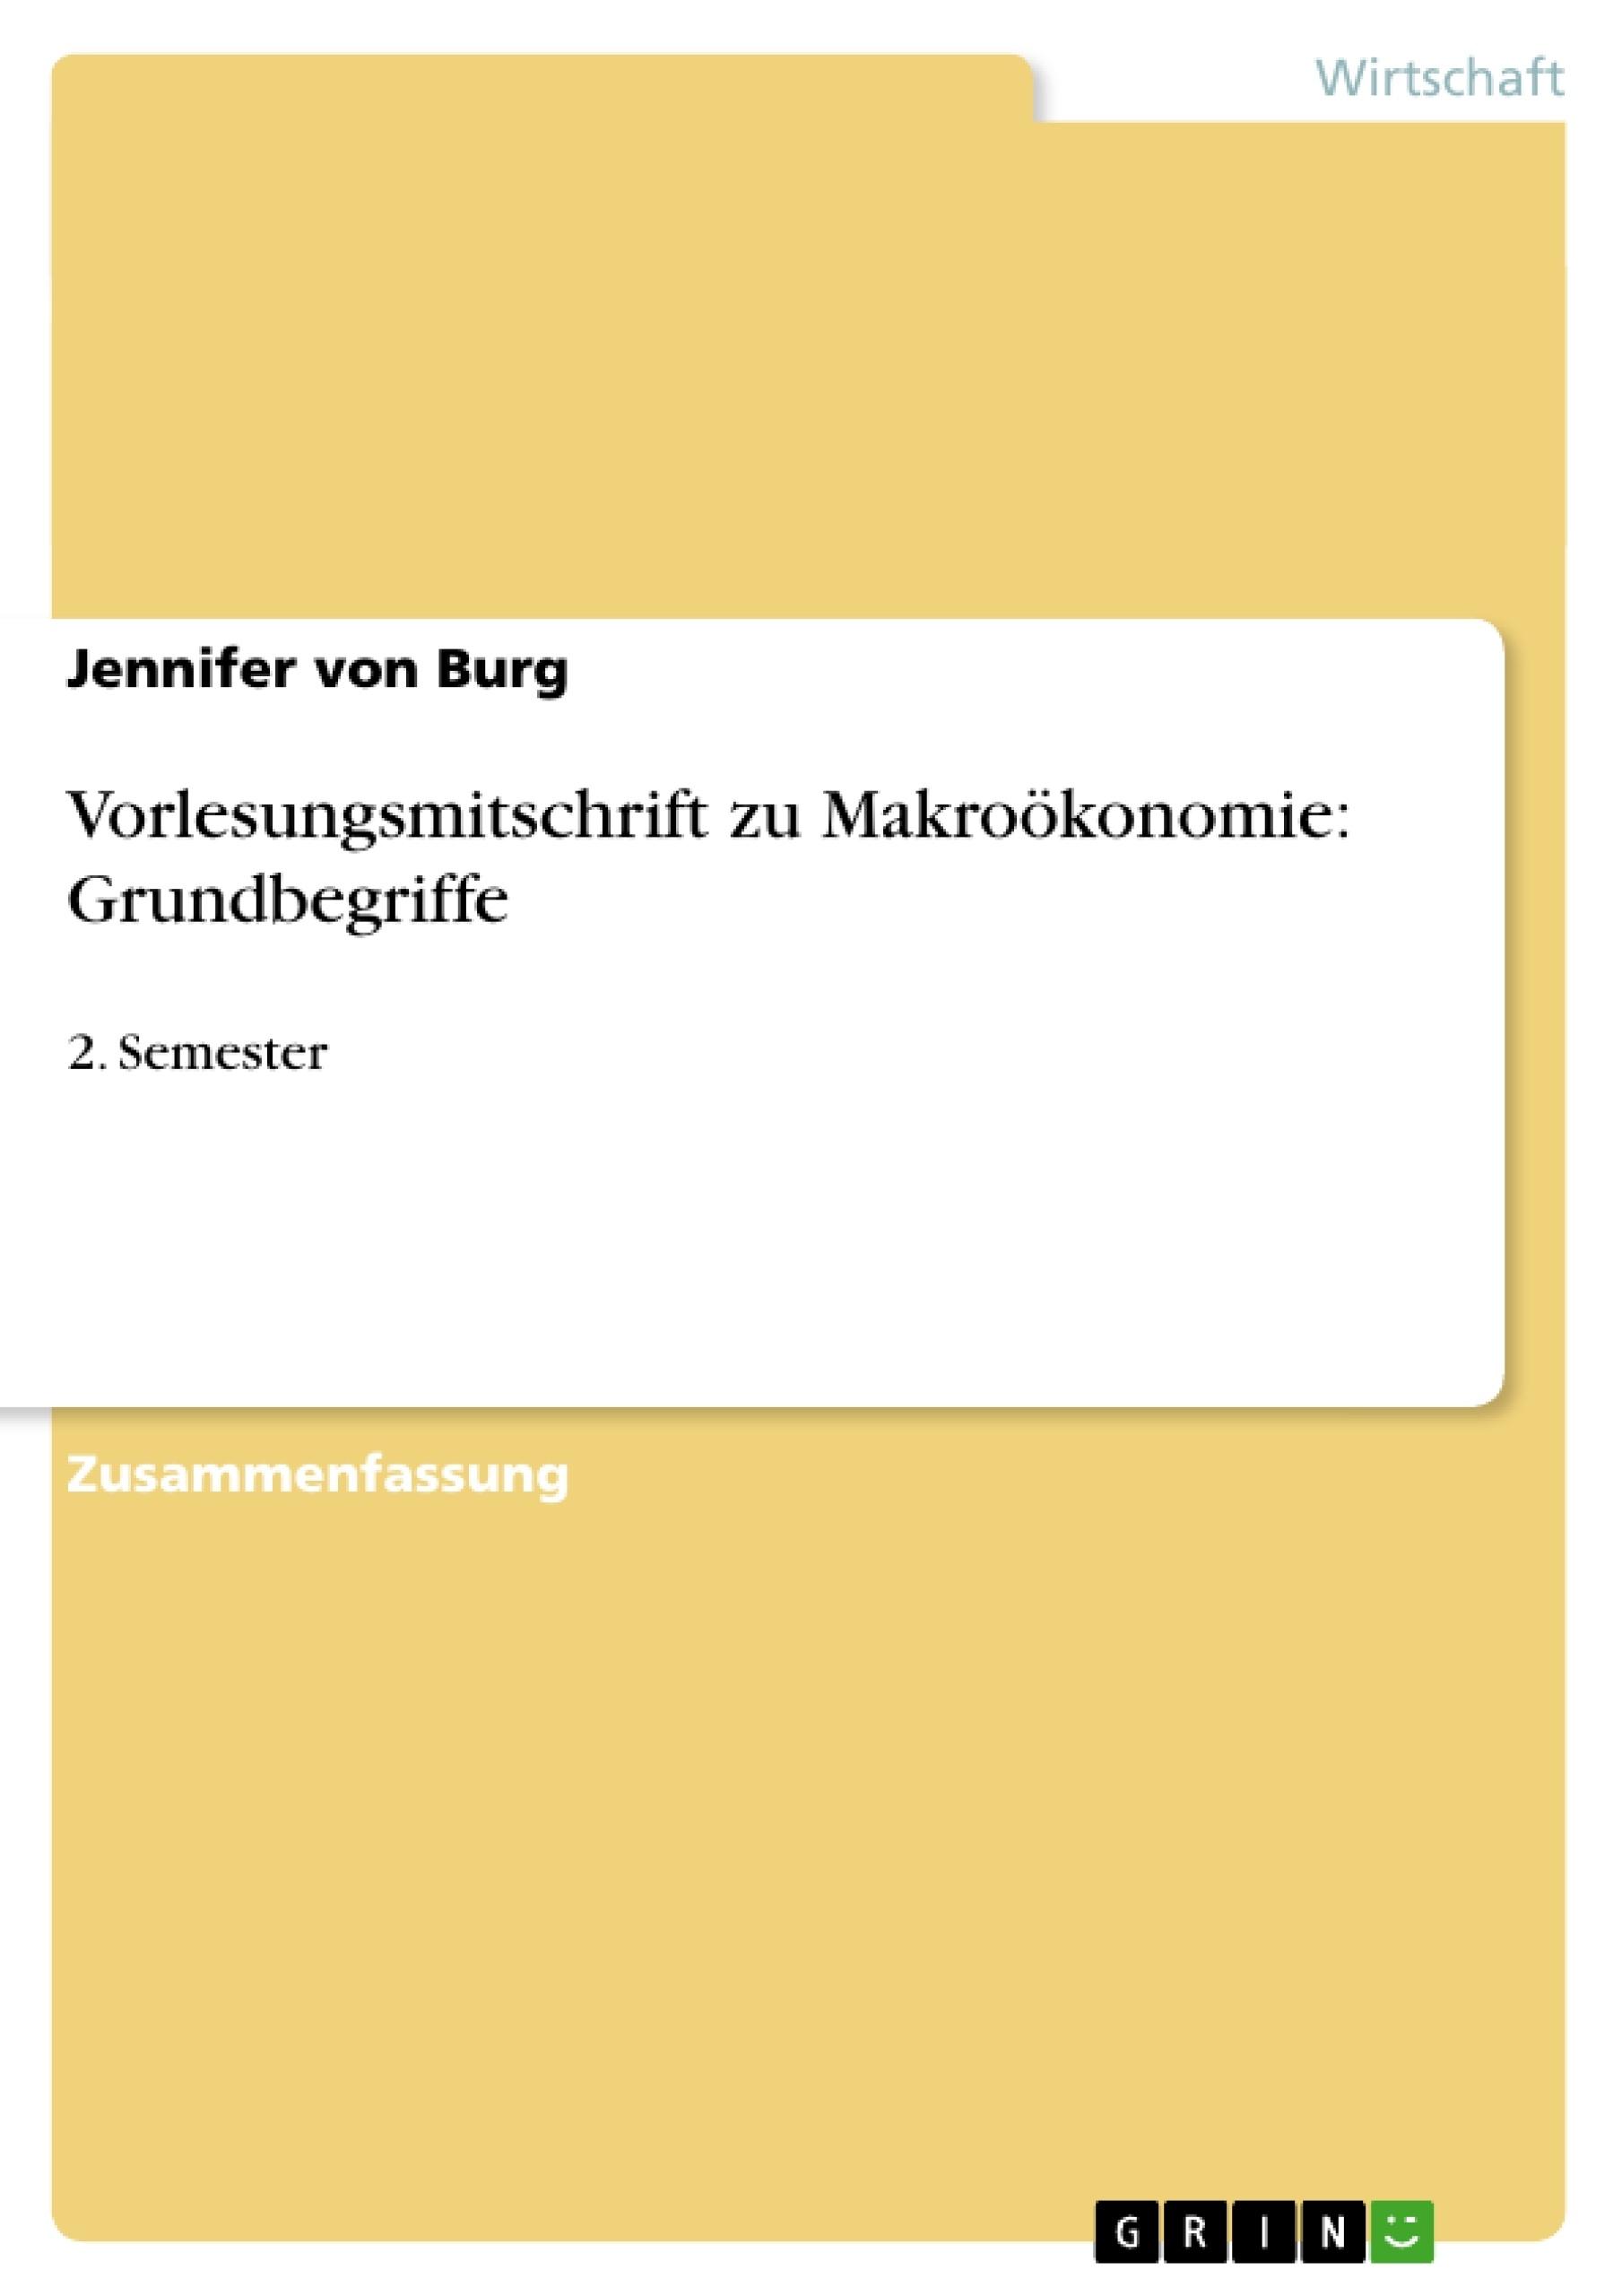 Titel: Vorlesungsmitschrift zu Makroökonomie: Grundbegriffe